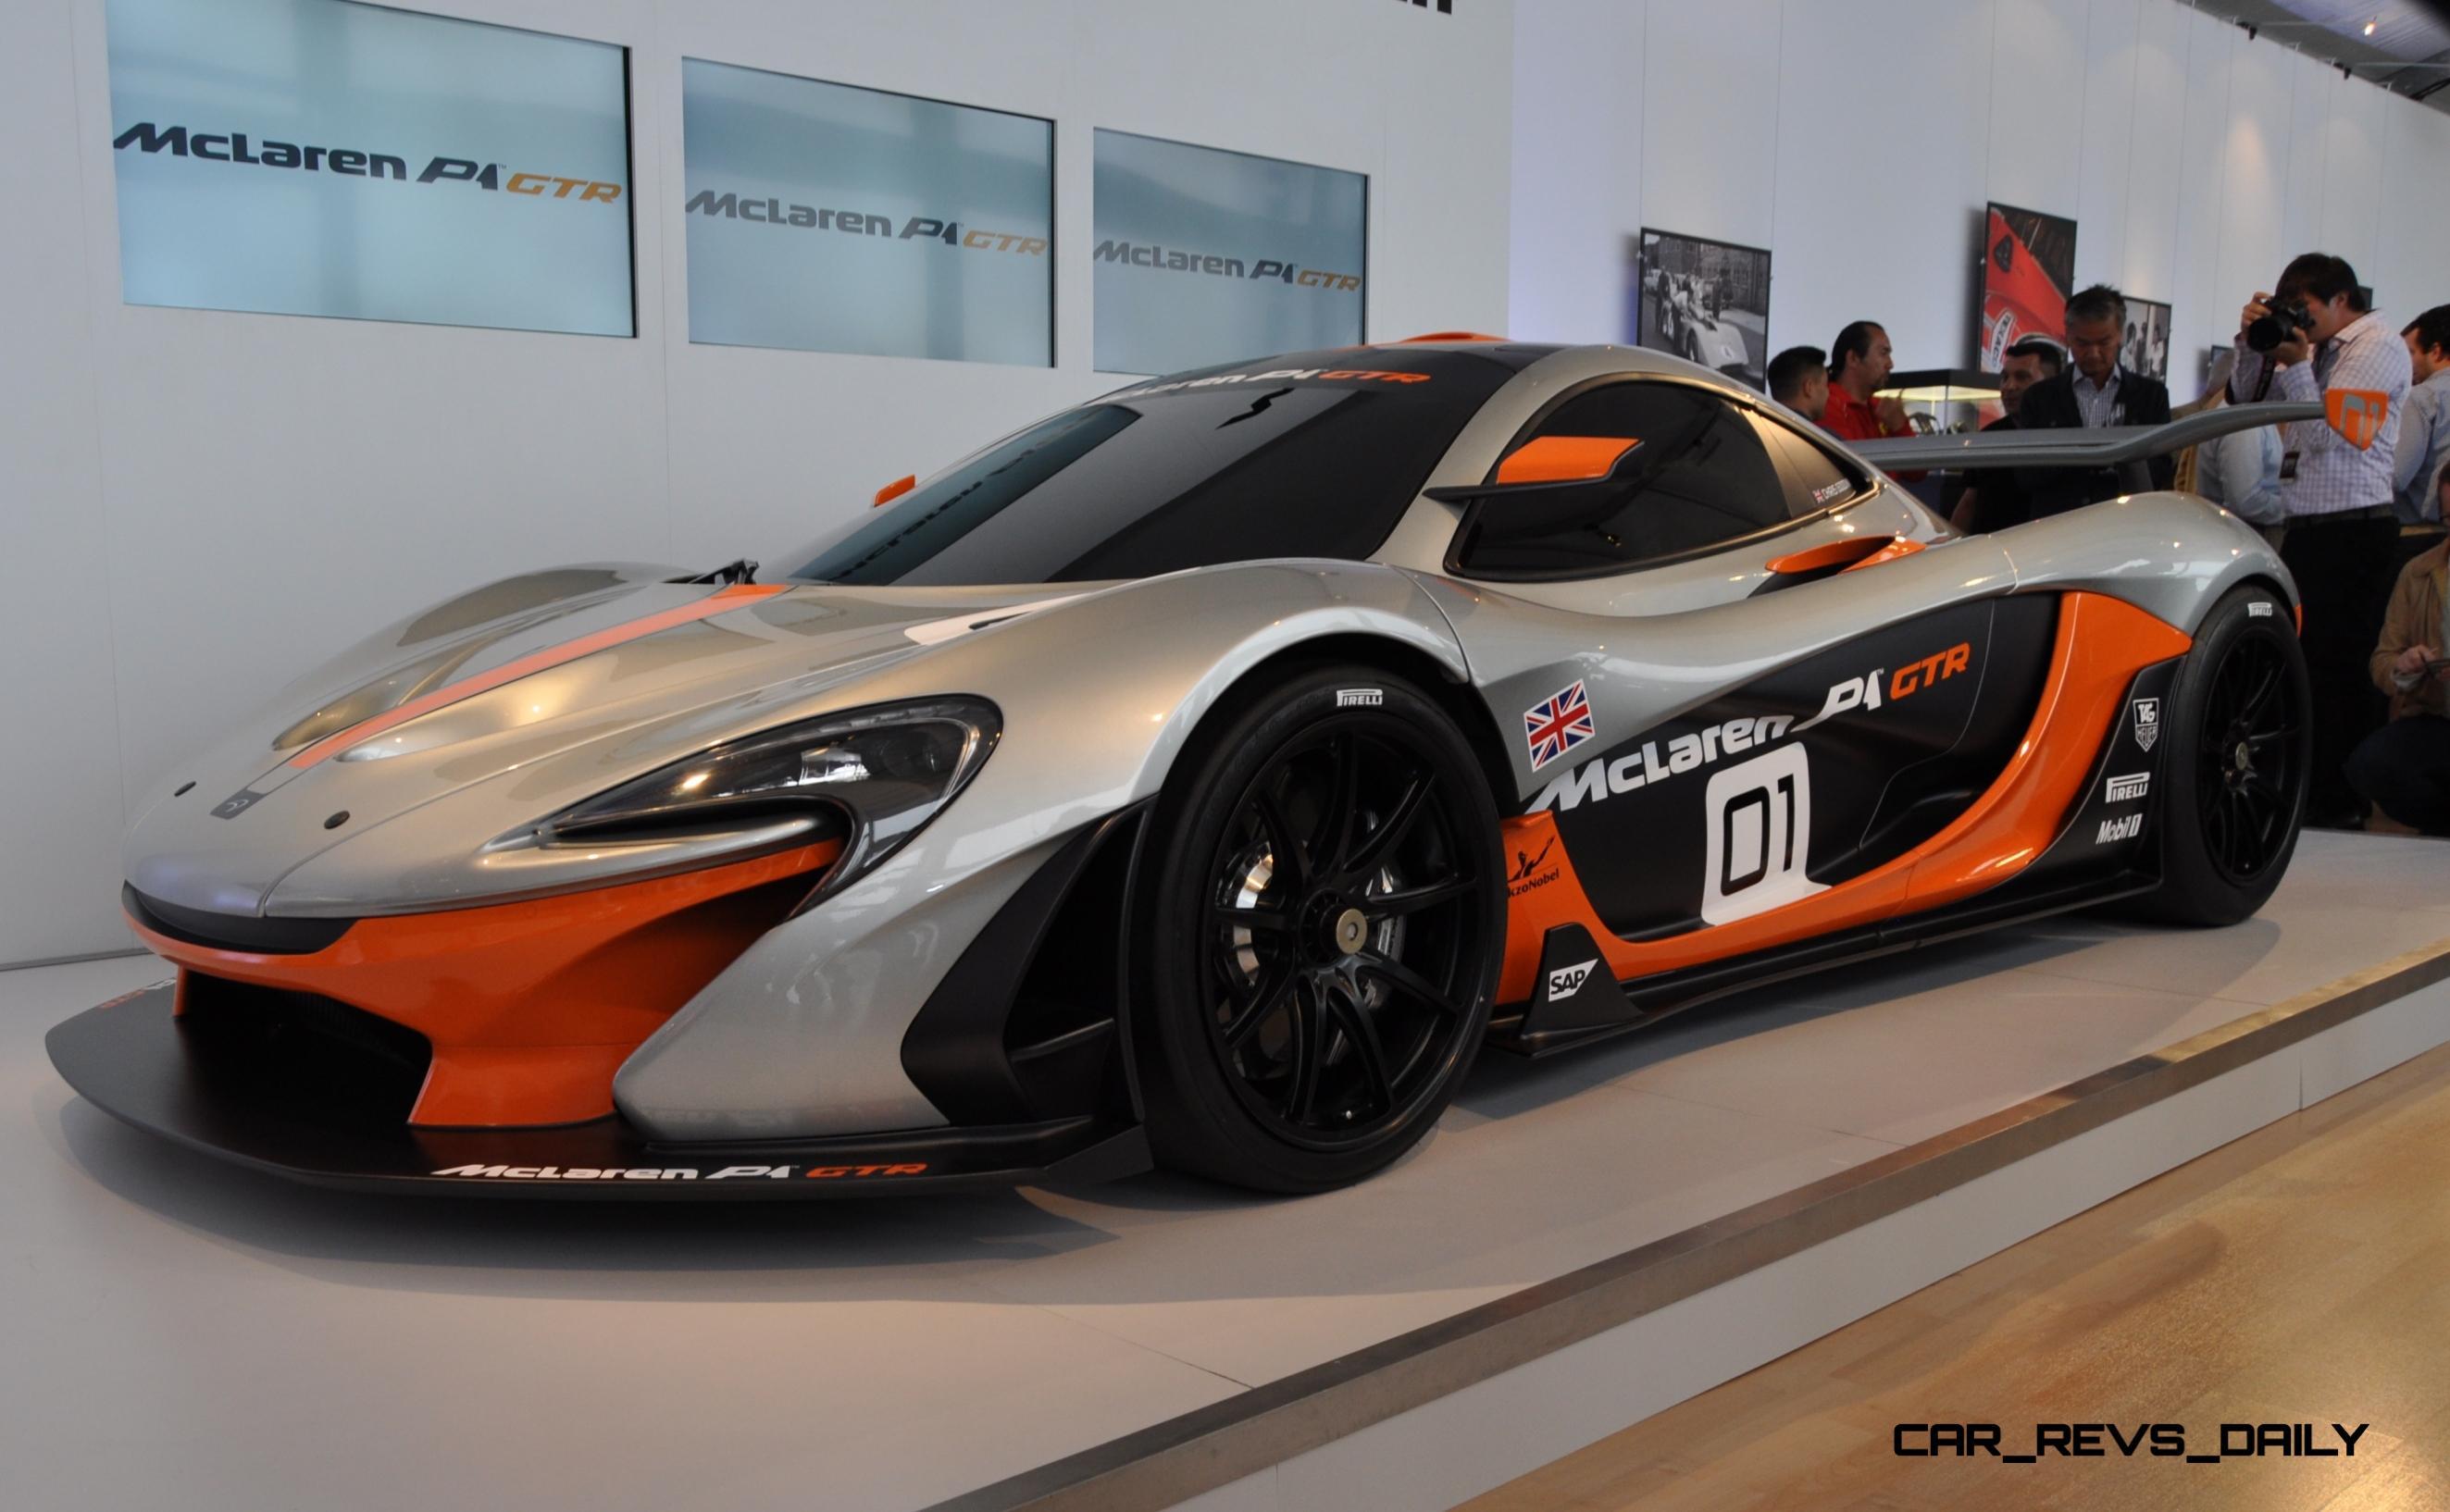 2015 McLaren P1 GTR - Pebble Beach World Debut in 55 High-Res Photos 30